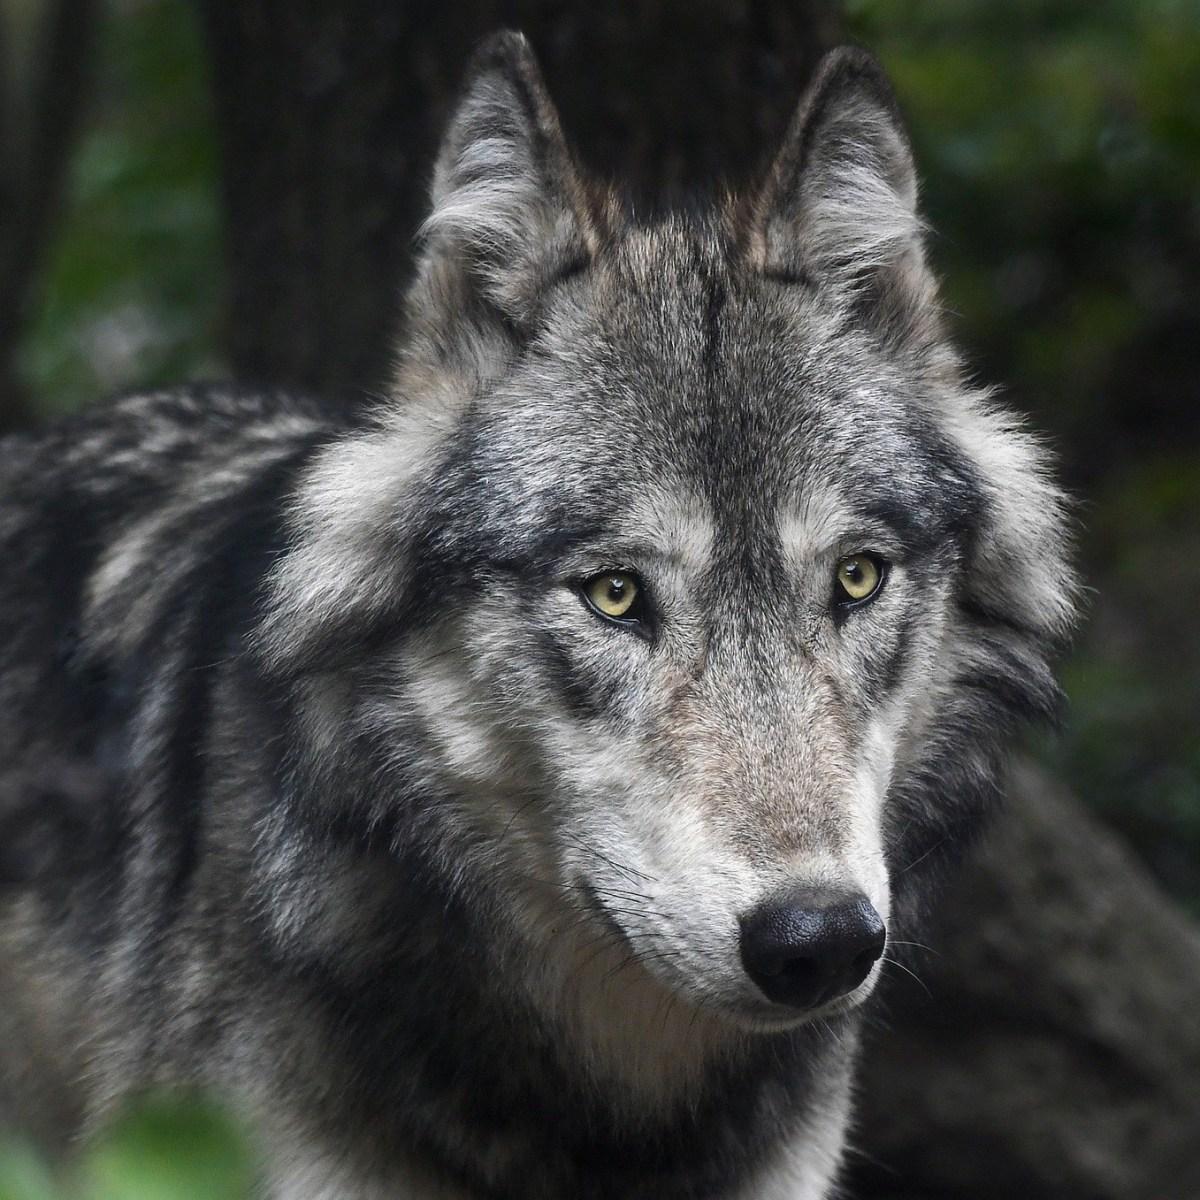 Der mit dem Wolf tanzt...